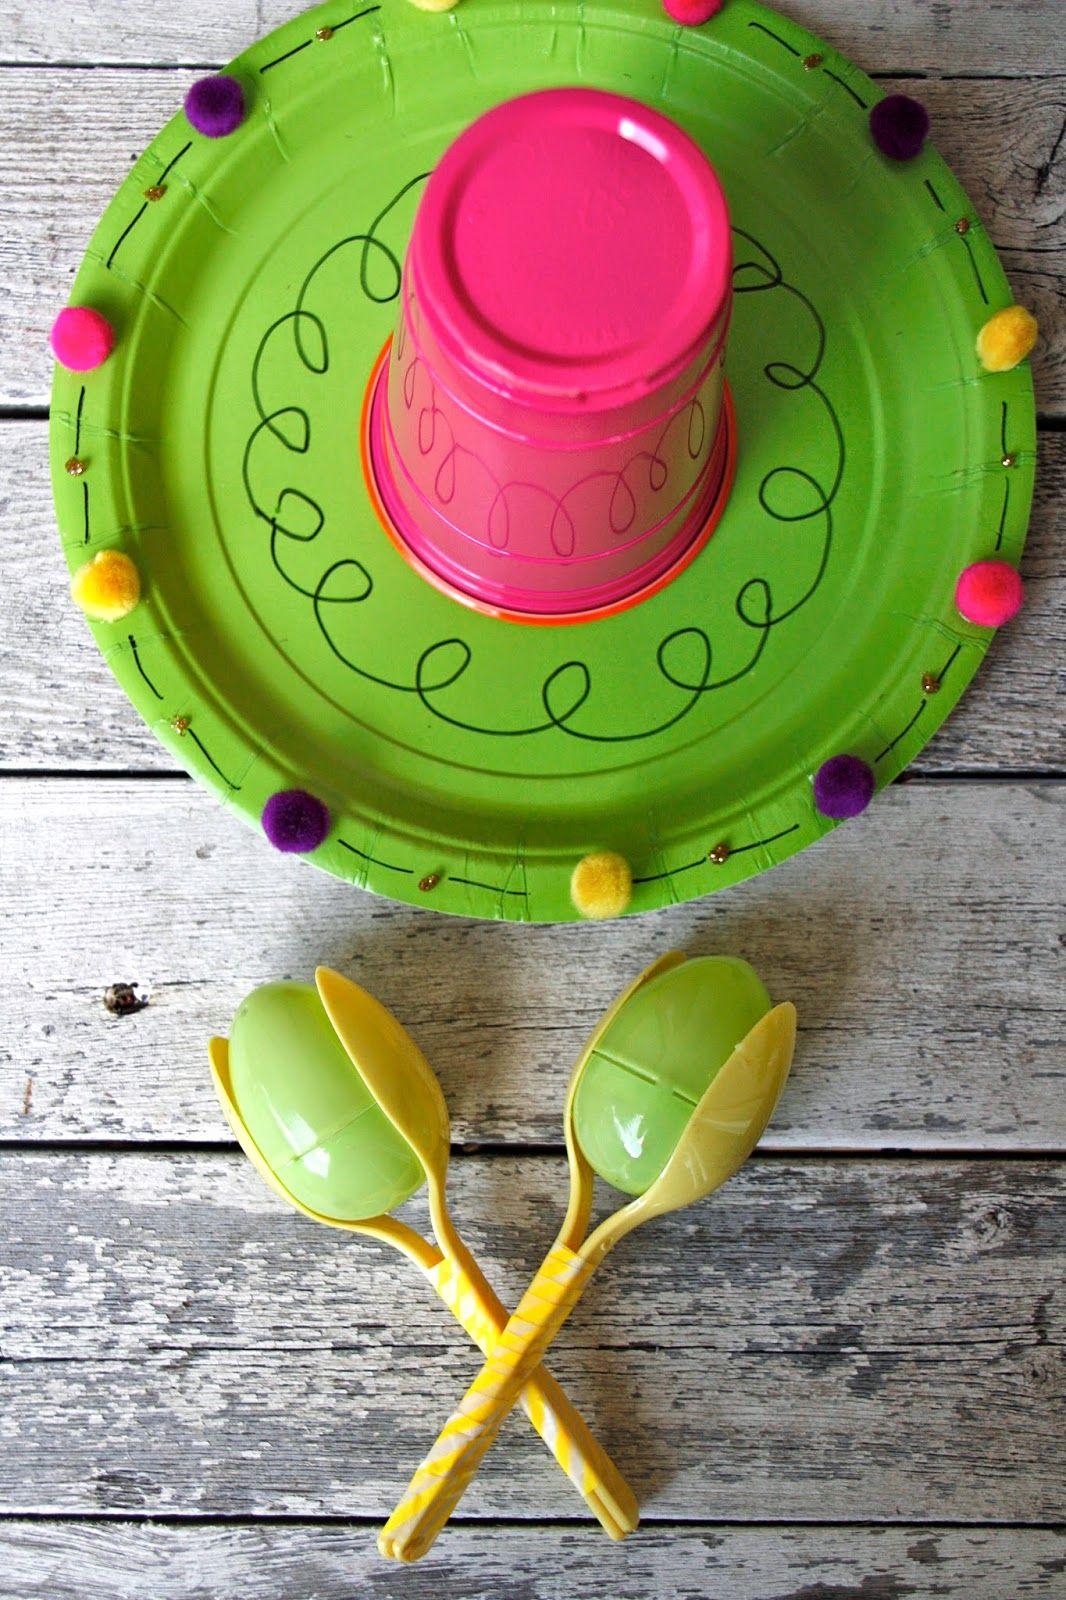 Paper Plate Sombrero And Easter Egg Maracas For Cinco De